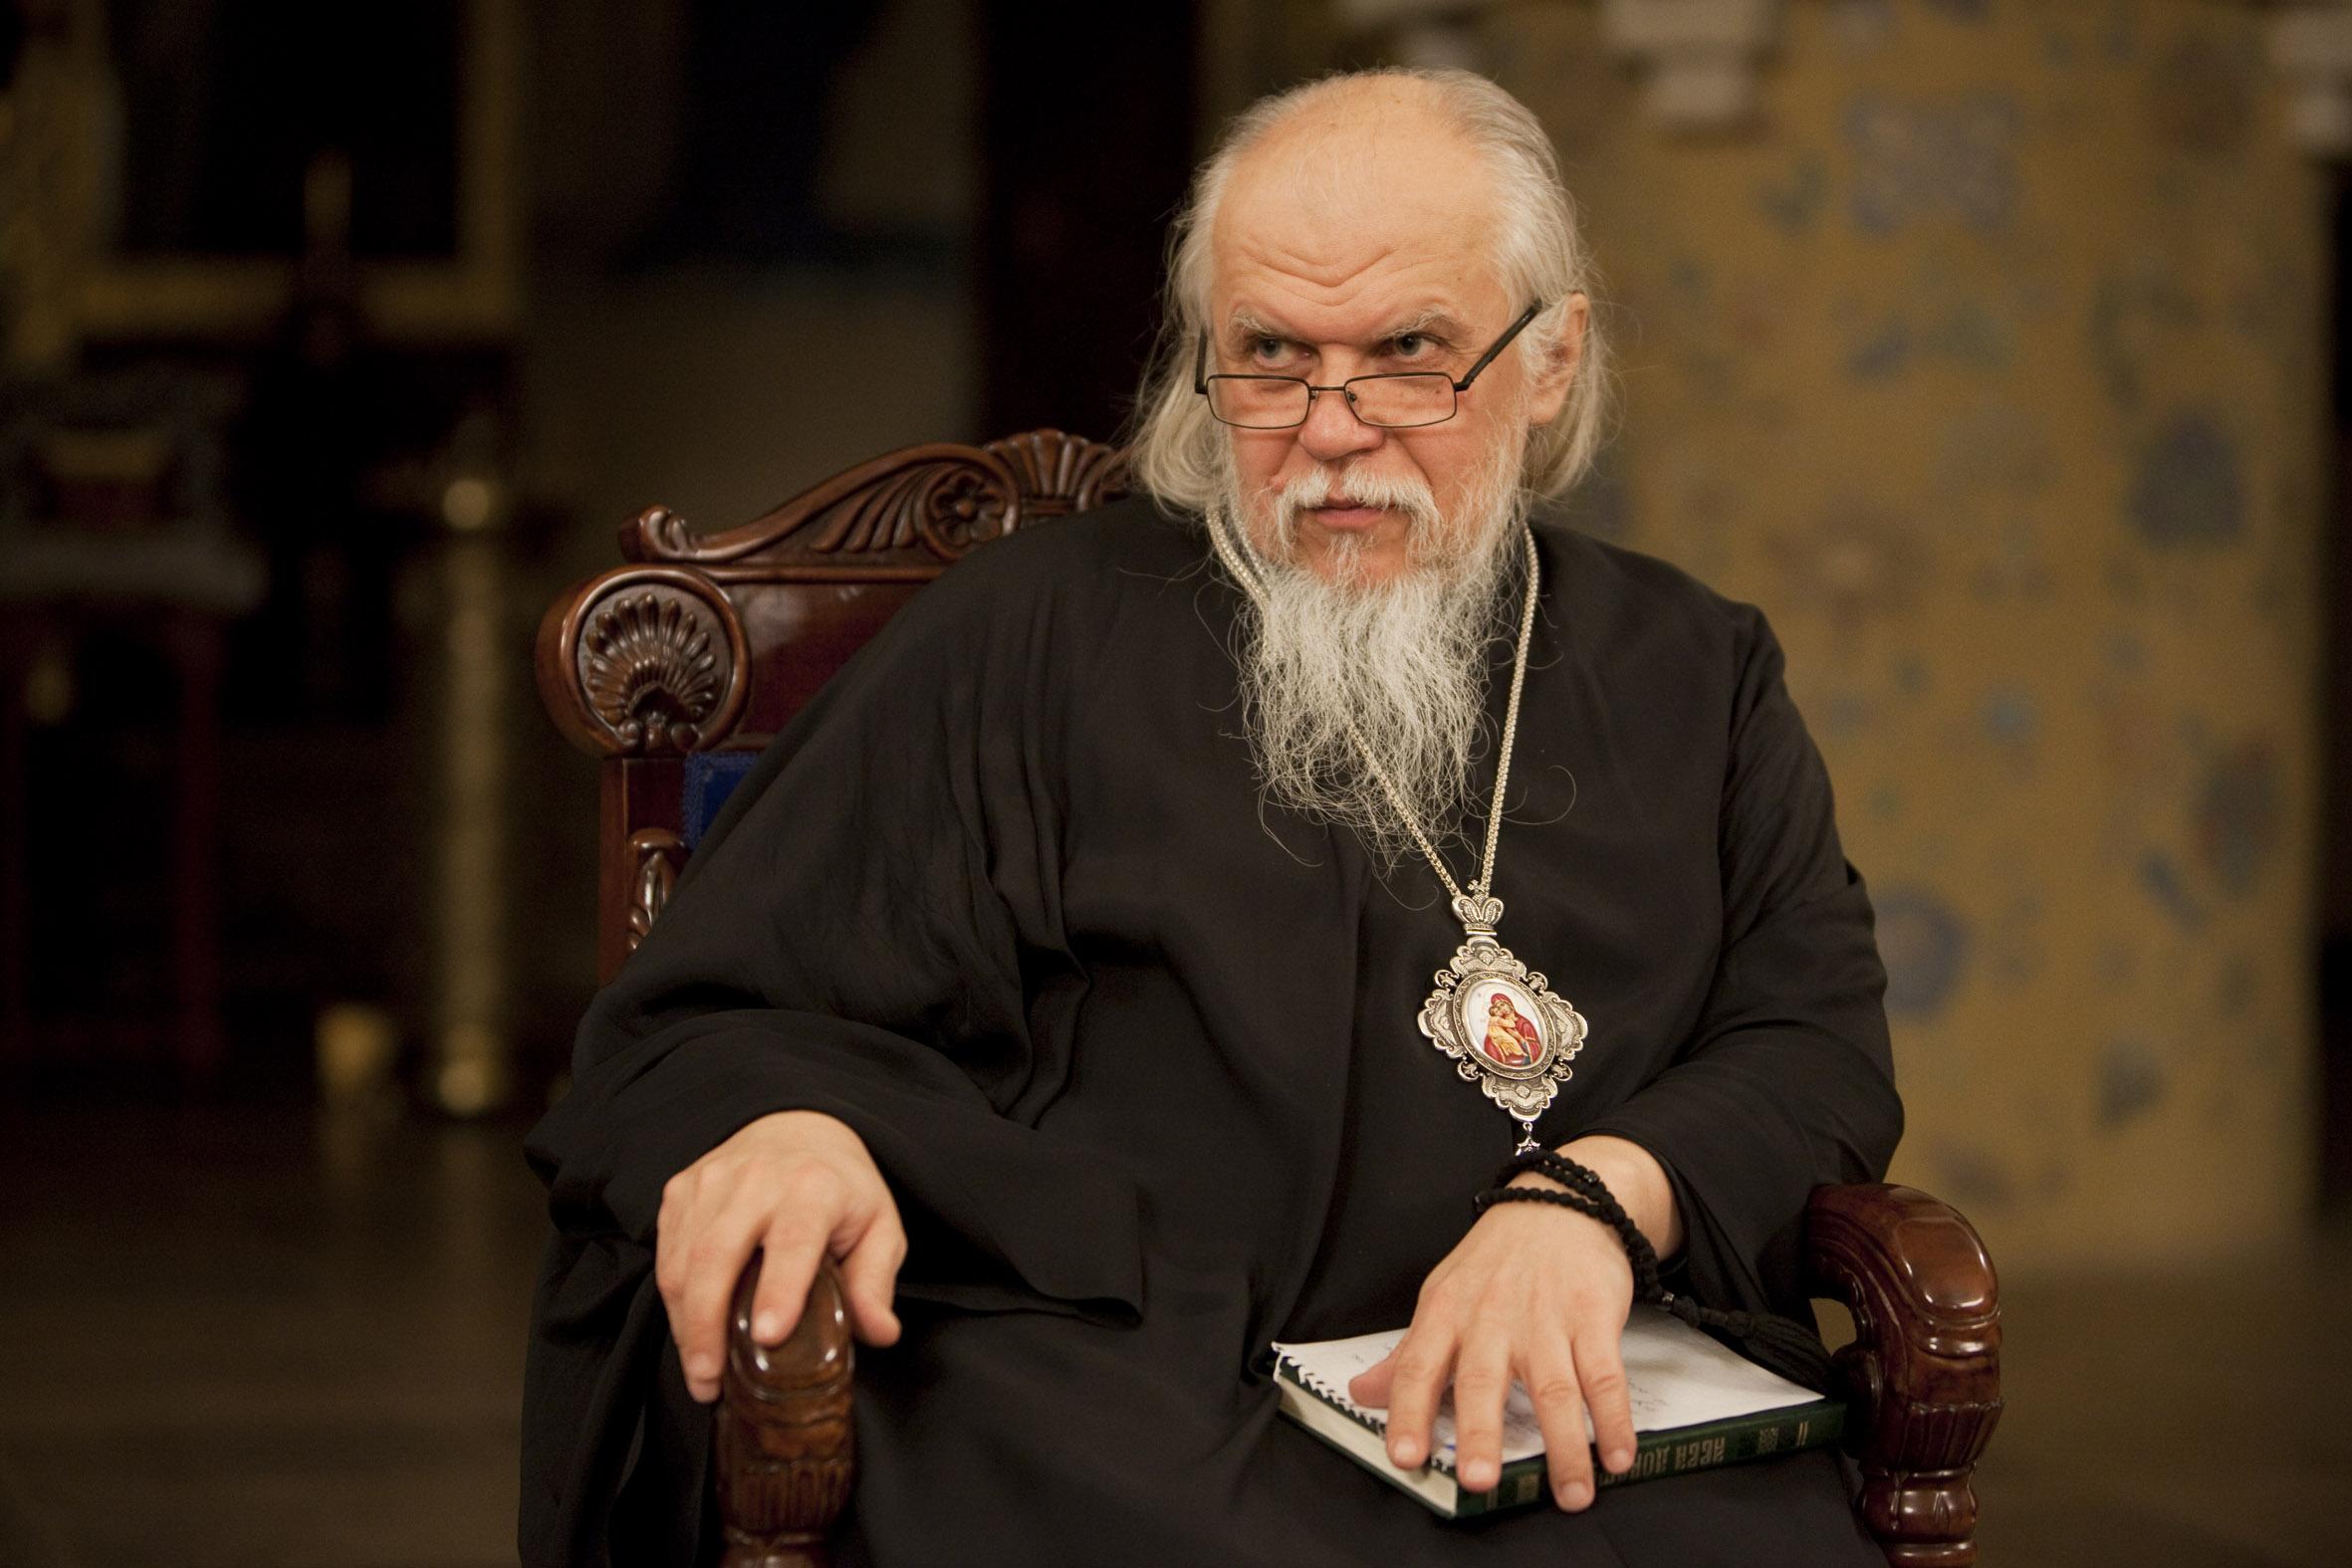 Епископ Пантелеимон: Помочь не только словом, но и делом